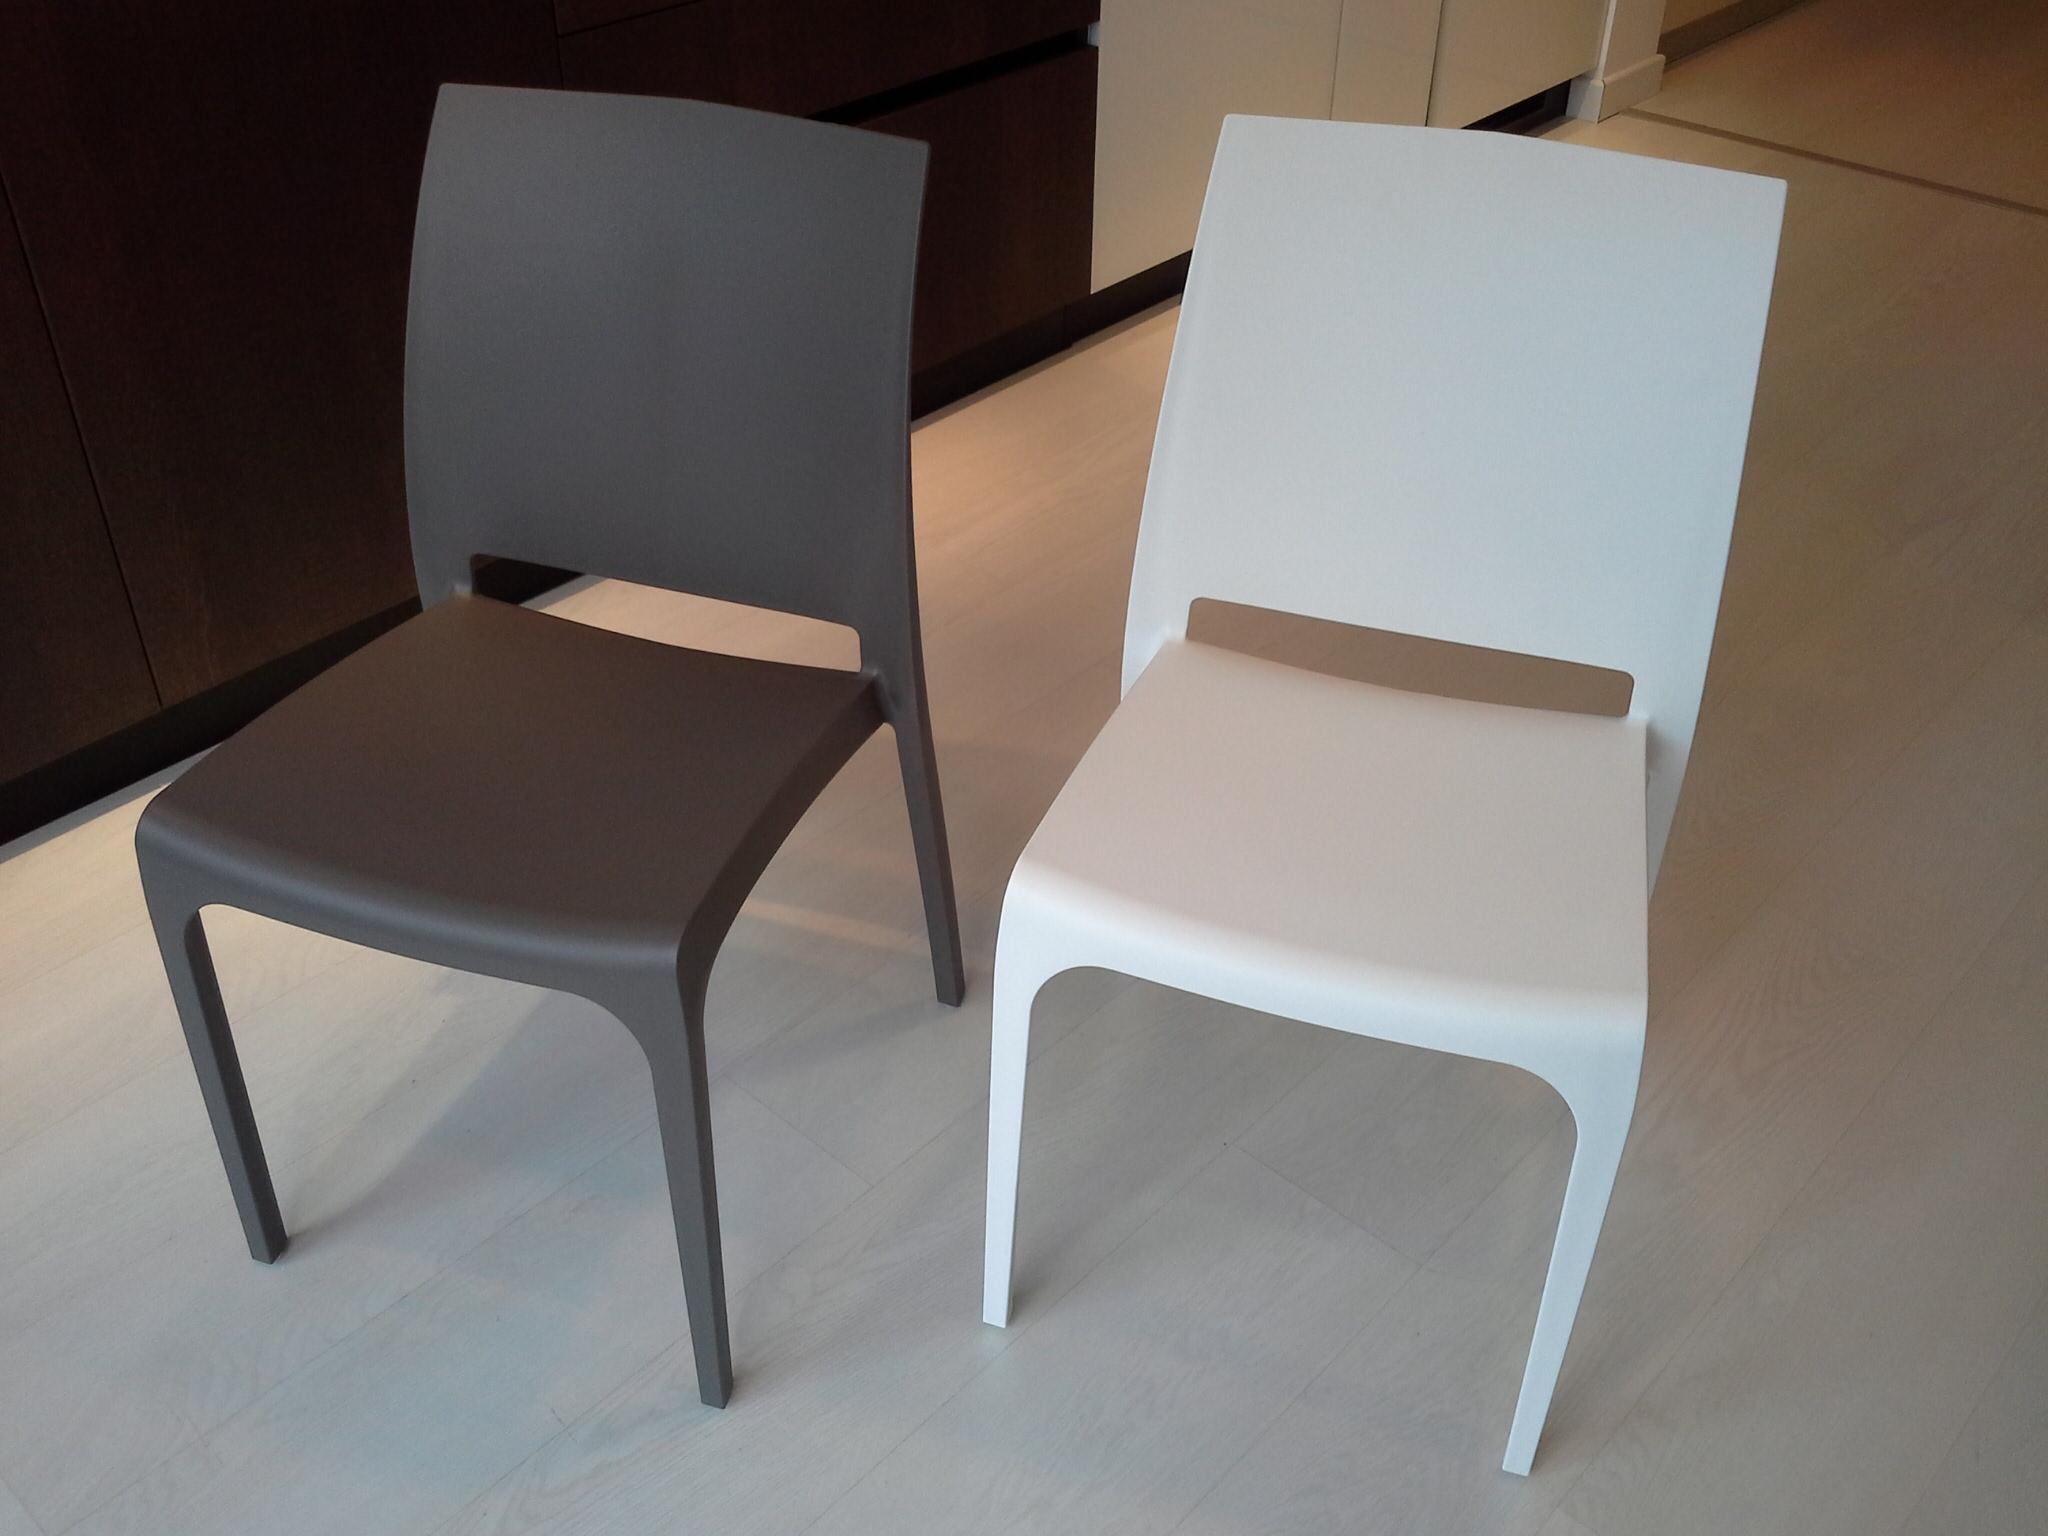 Sedia polipropilene vari colori sedie a prezzi scontati for Sedie a prezzi bassi